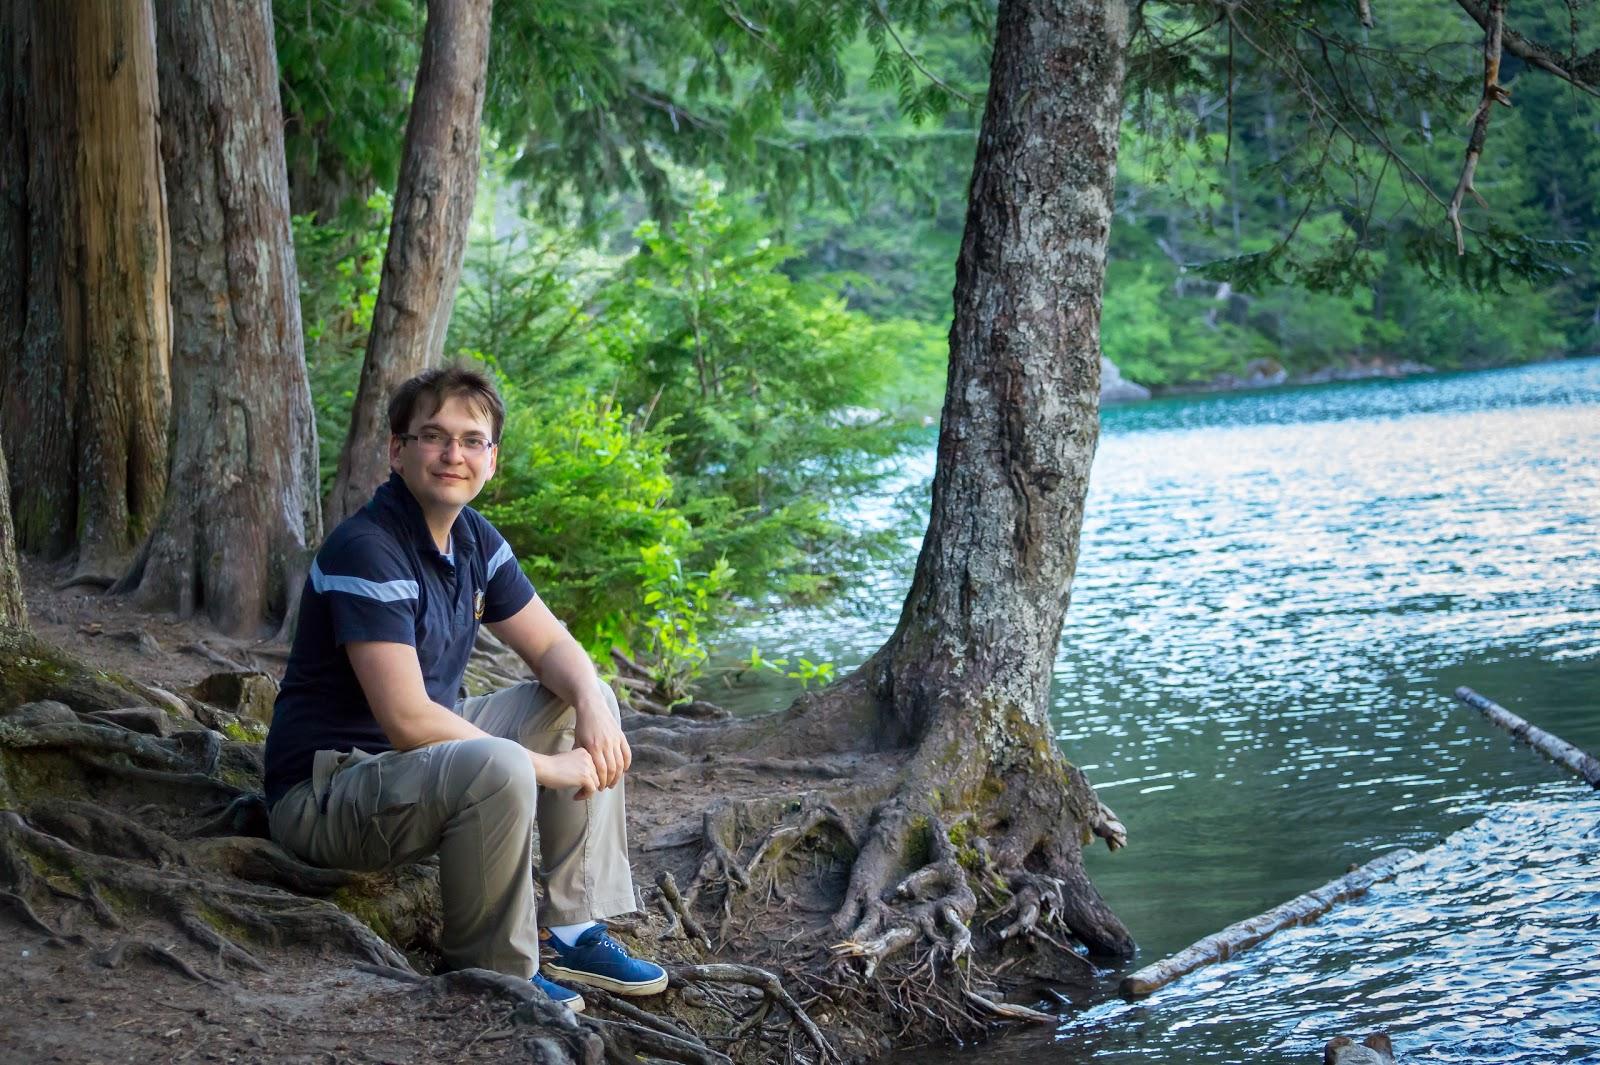 Здесь можно расслабиться и подзарядиться живительной энергетикой озера, надышаться вдоволь чистейшим горным воздухом.